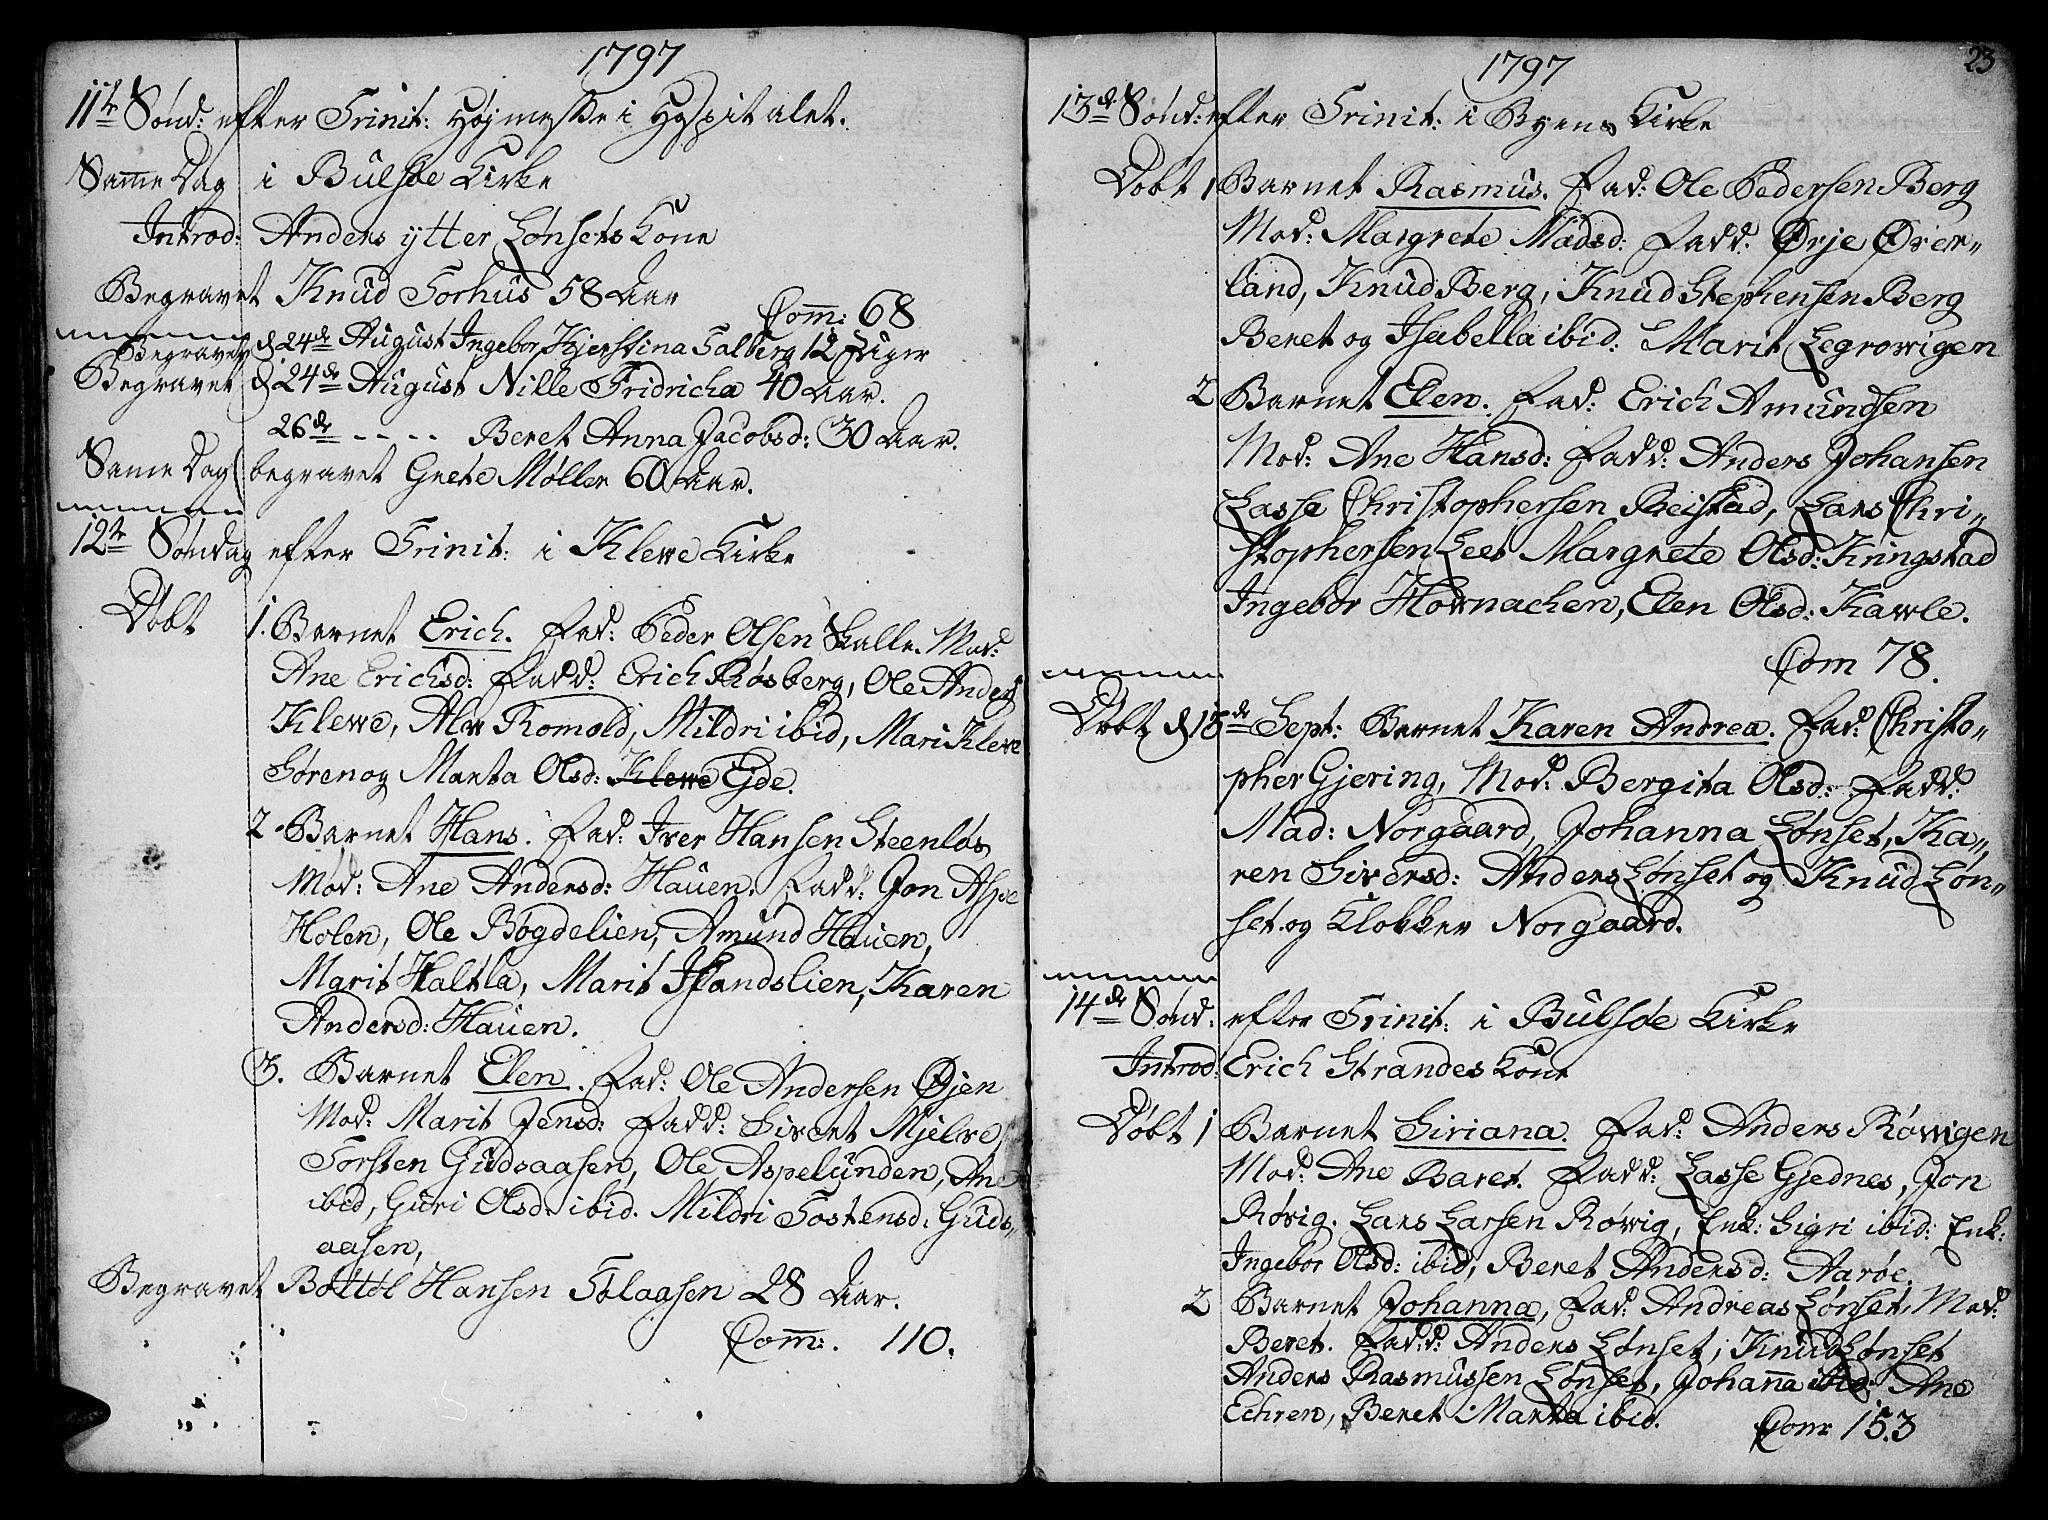 SAT, Ministerialprotokoller, klokkerbøker og fødselsregistre - Møre og Romsdal, 555/L0649: Ministerialbok nr. 555A02 /1, 1795-1821, s. 23